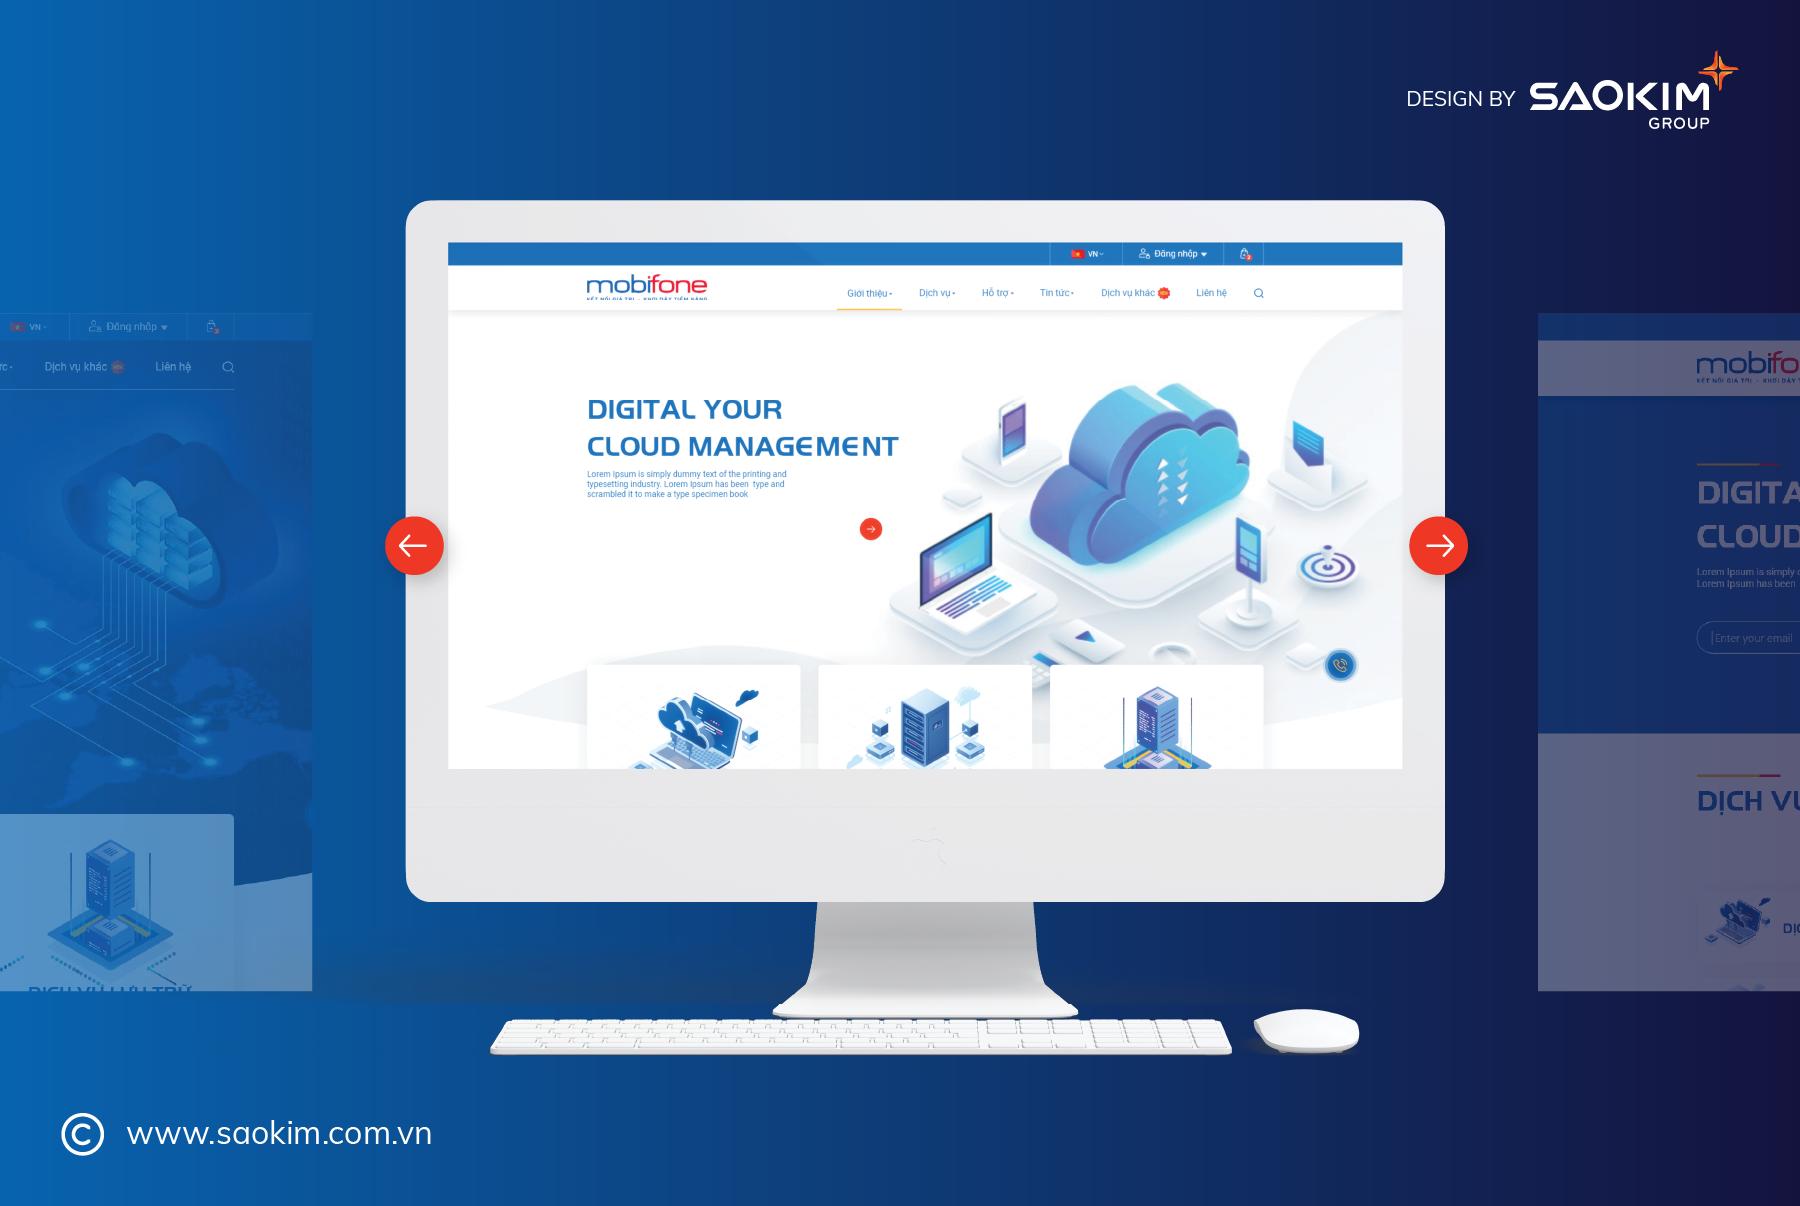 [saokim.com.vn] Thiết kế website do Sao Kim thực hiện cho Tập đoàn Mobifone